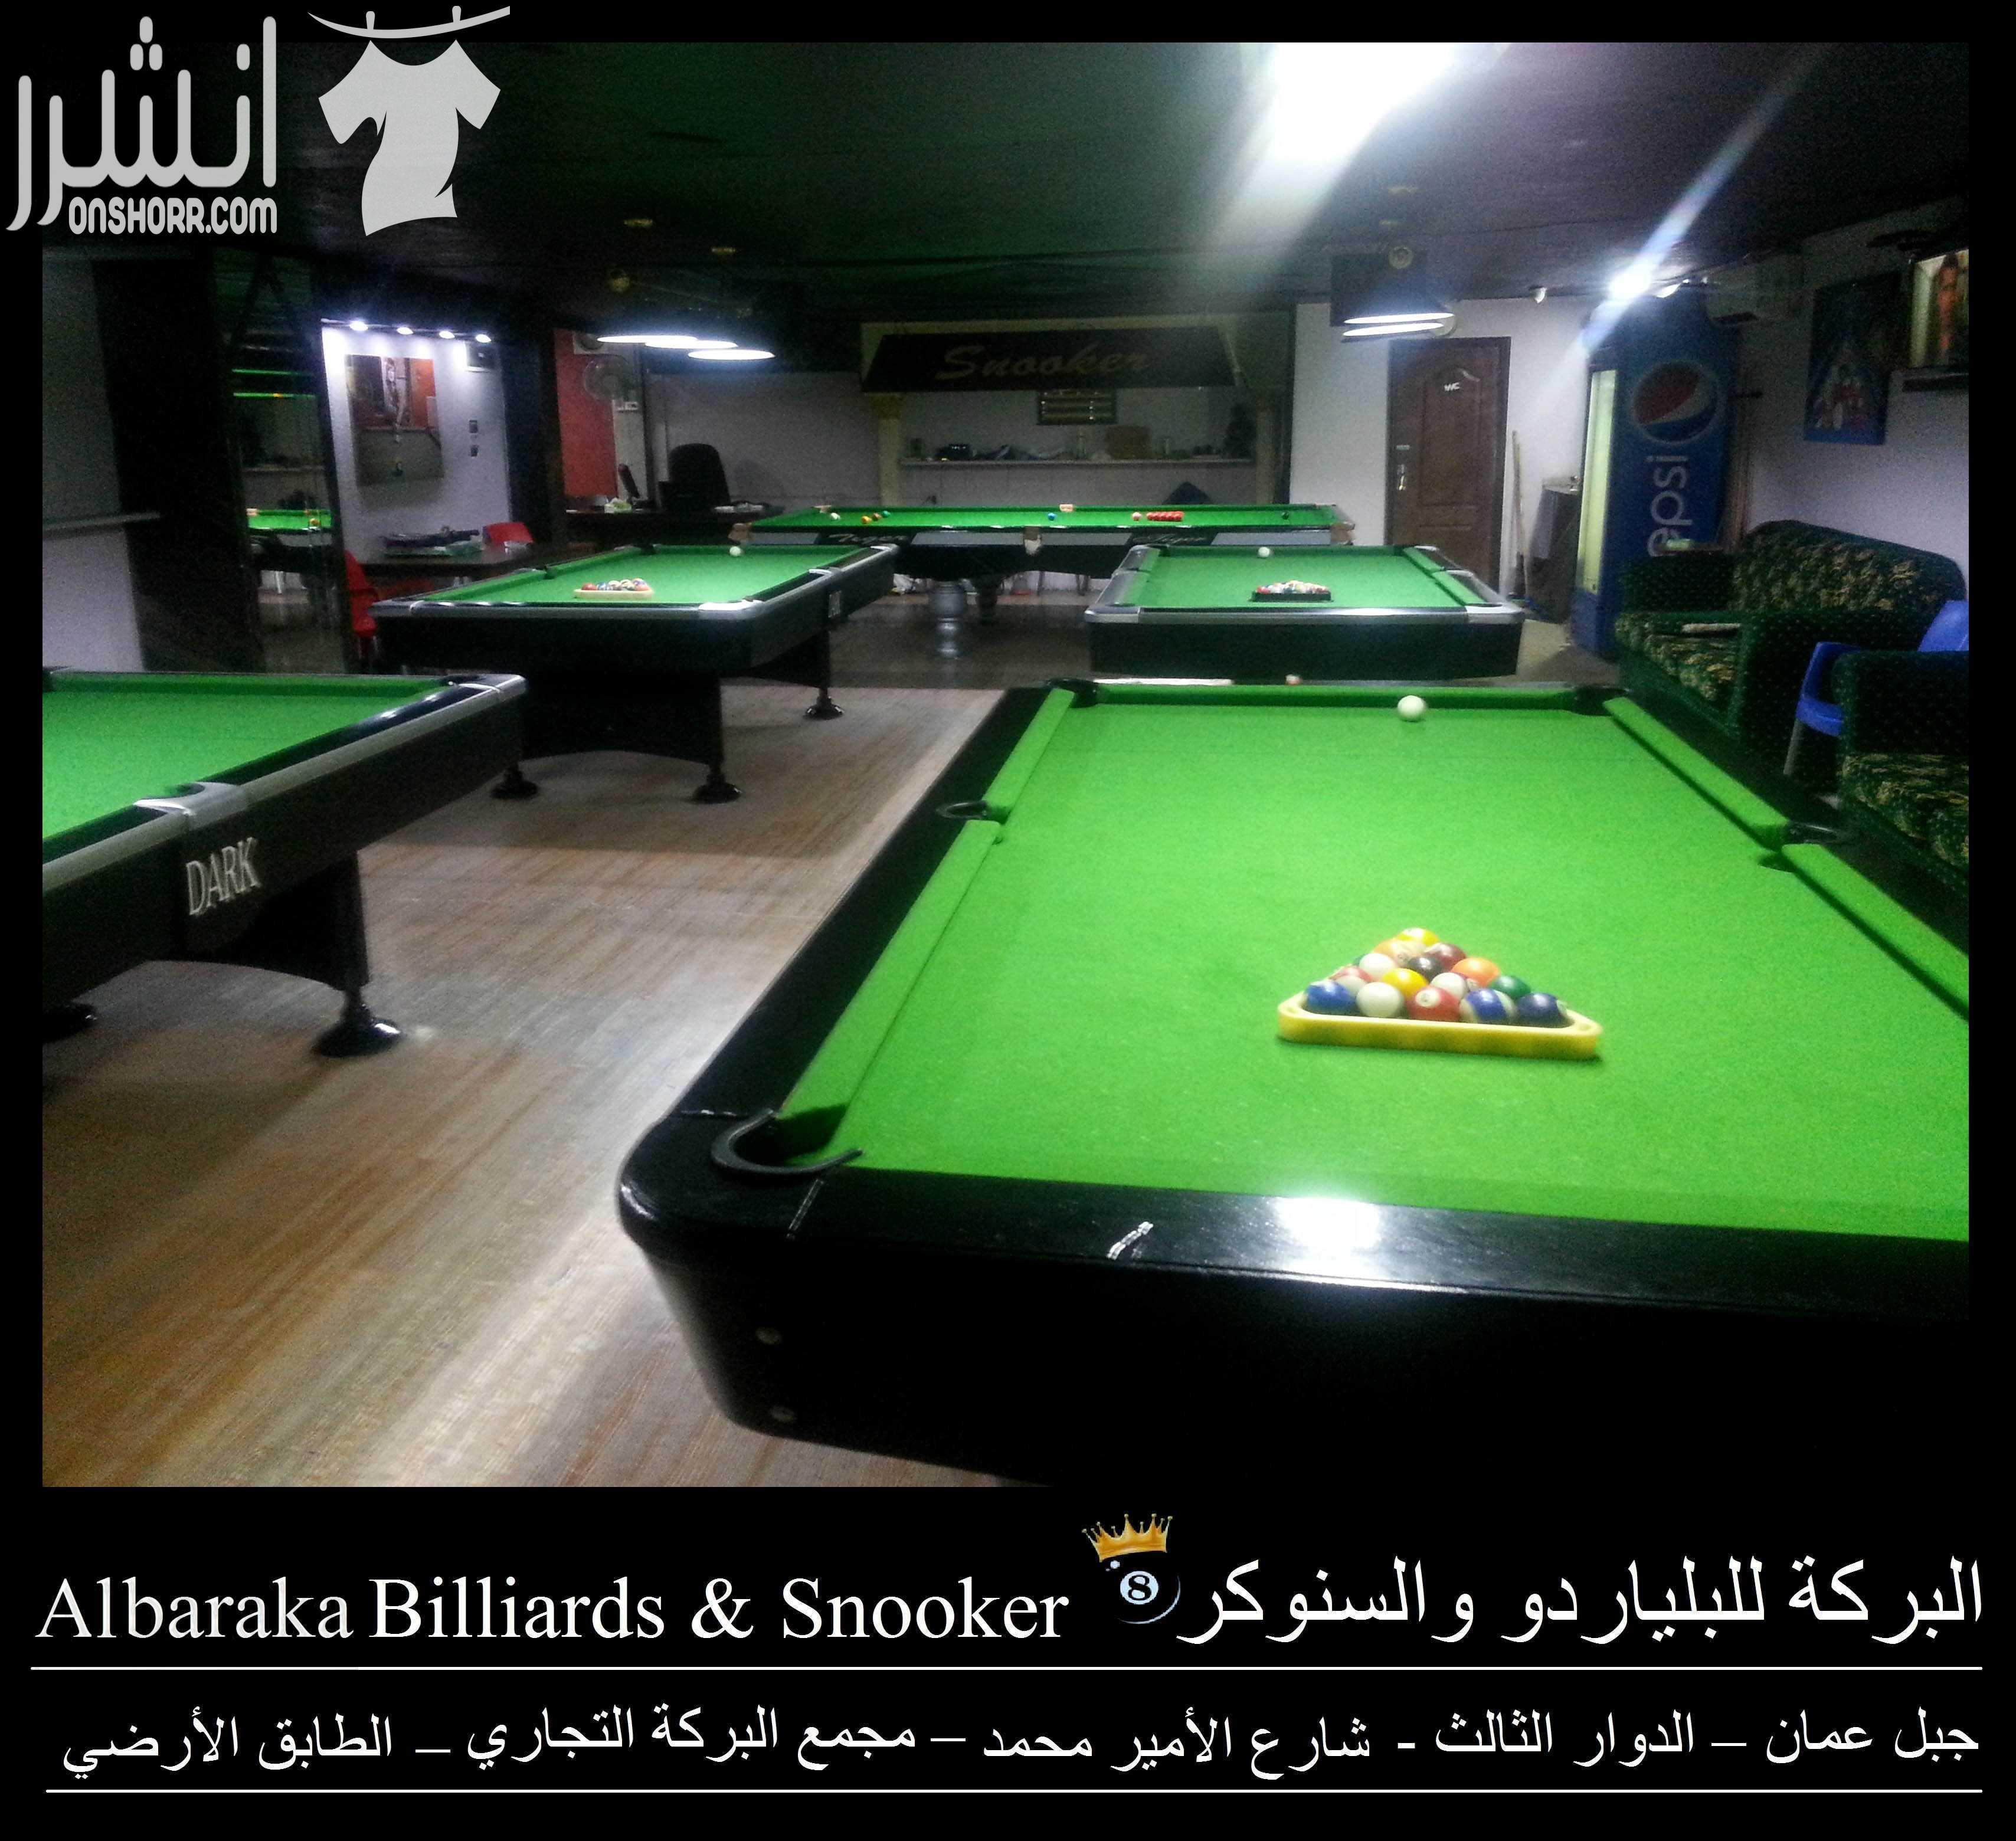 البركة للبلياردو والسنوكر <br>Albaraka Billiards & Snooker <br>...